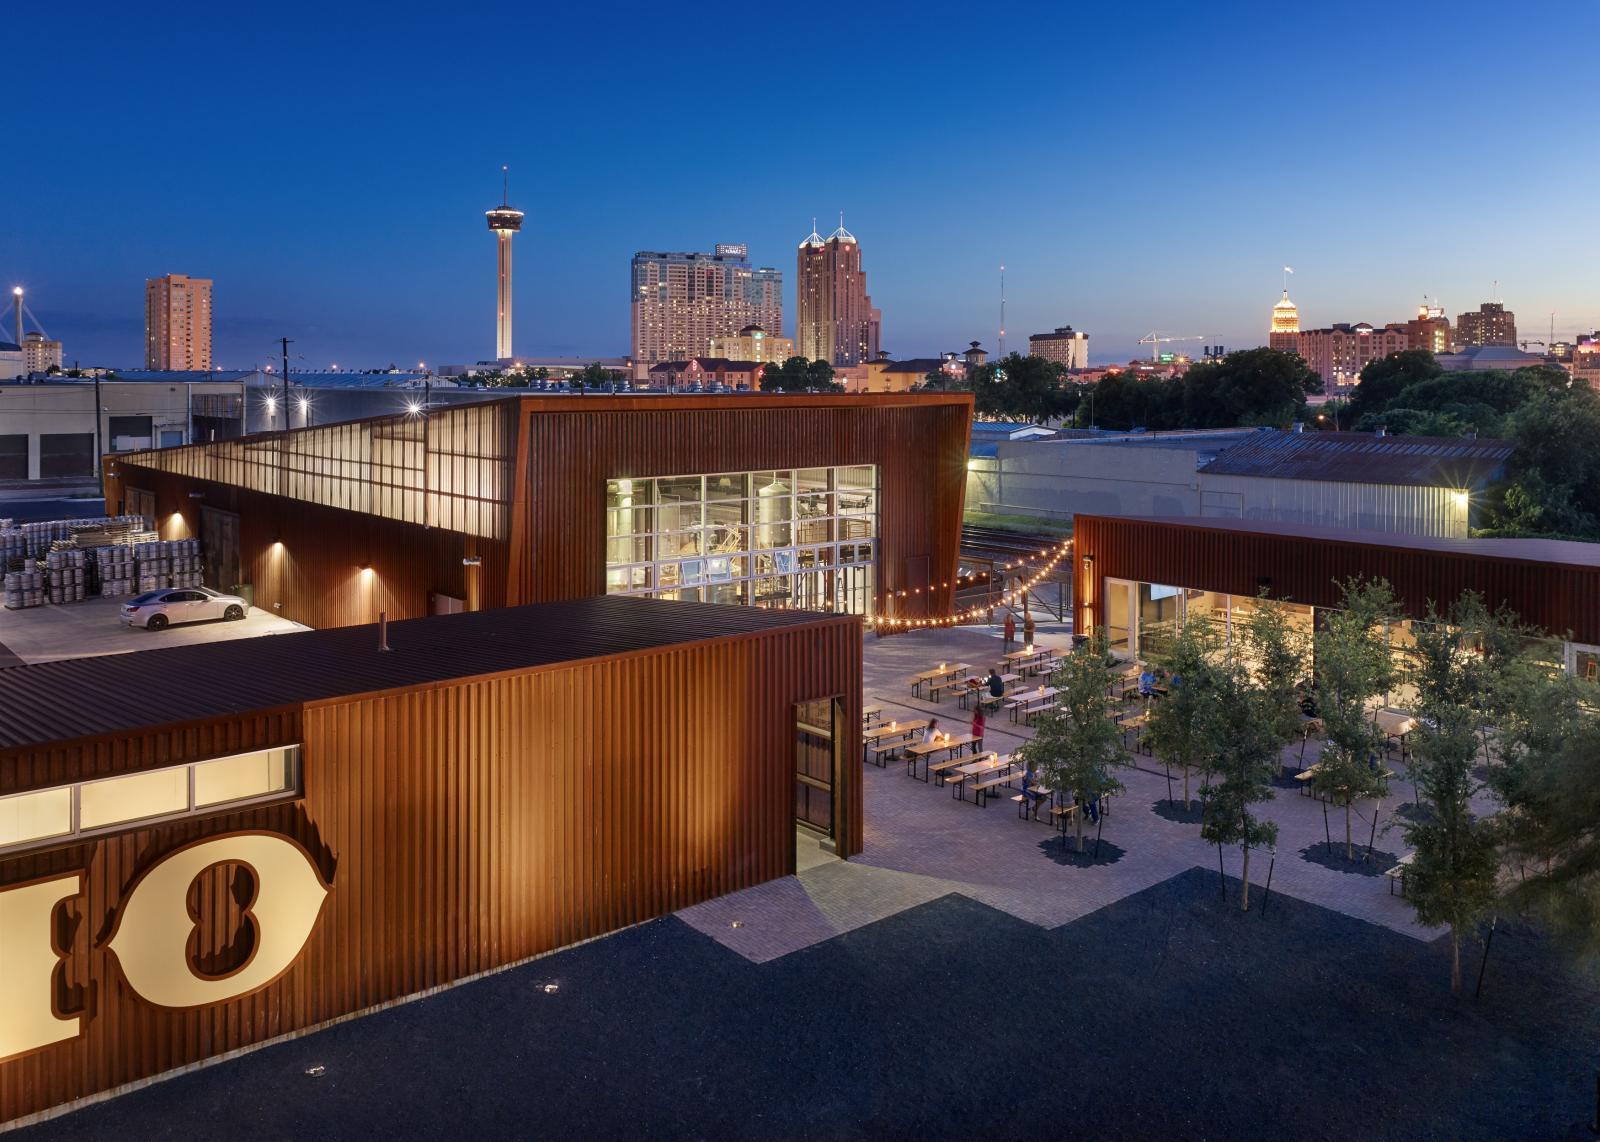 THE BEST 10 Breweries in San Antonio, TX - Last ... - Yelp